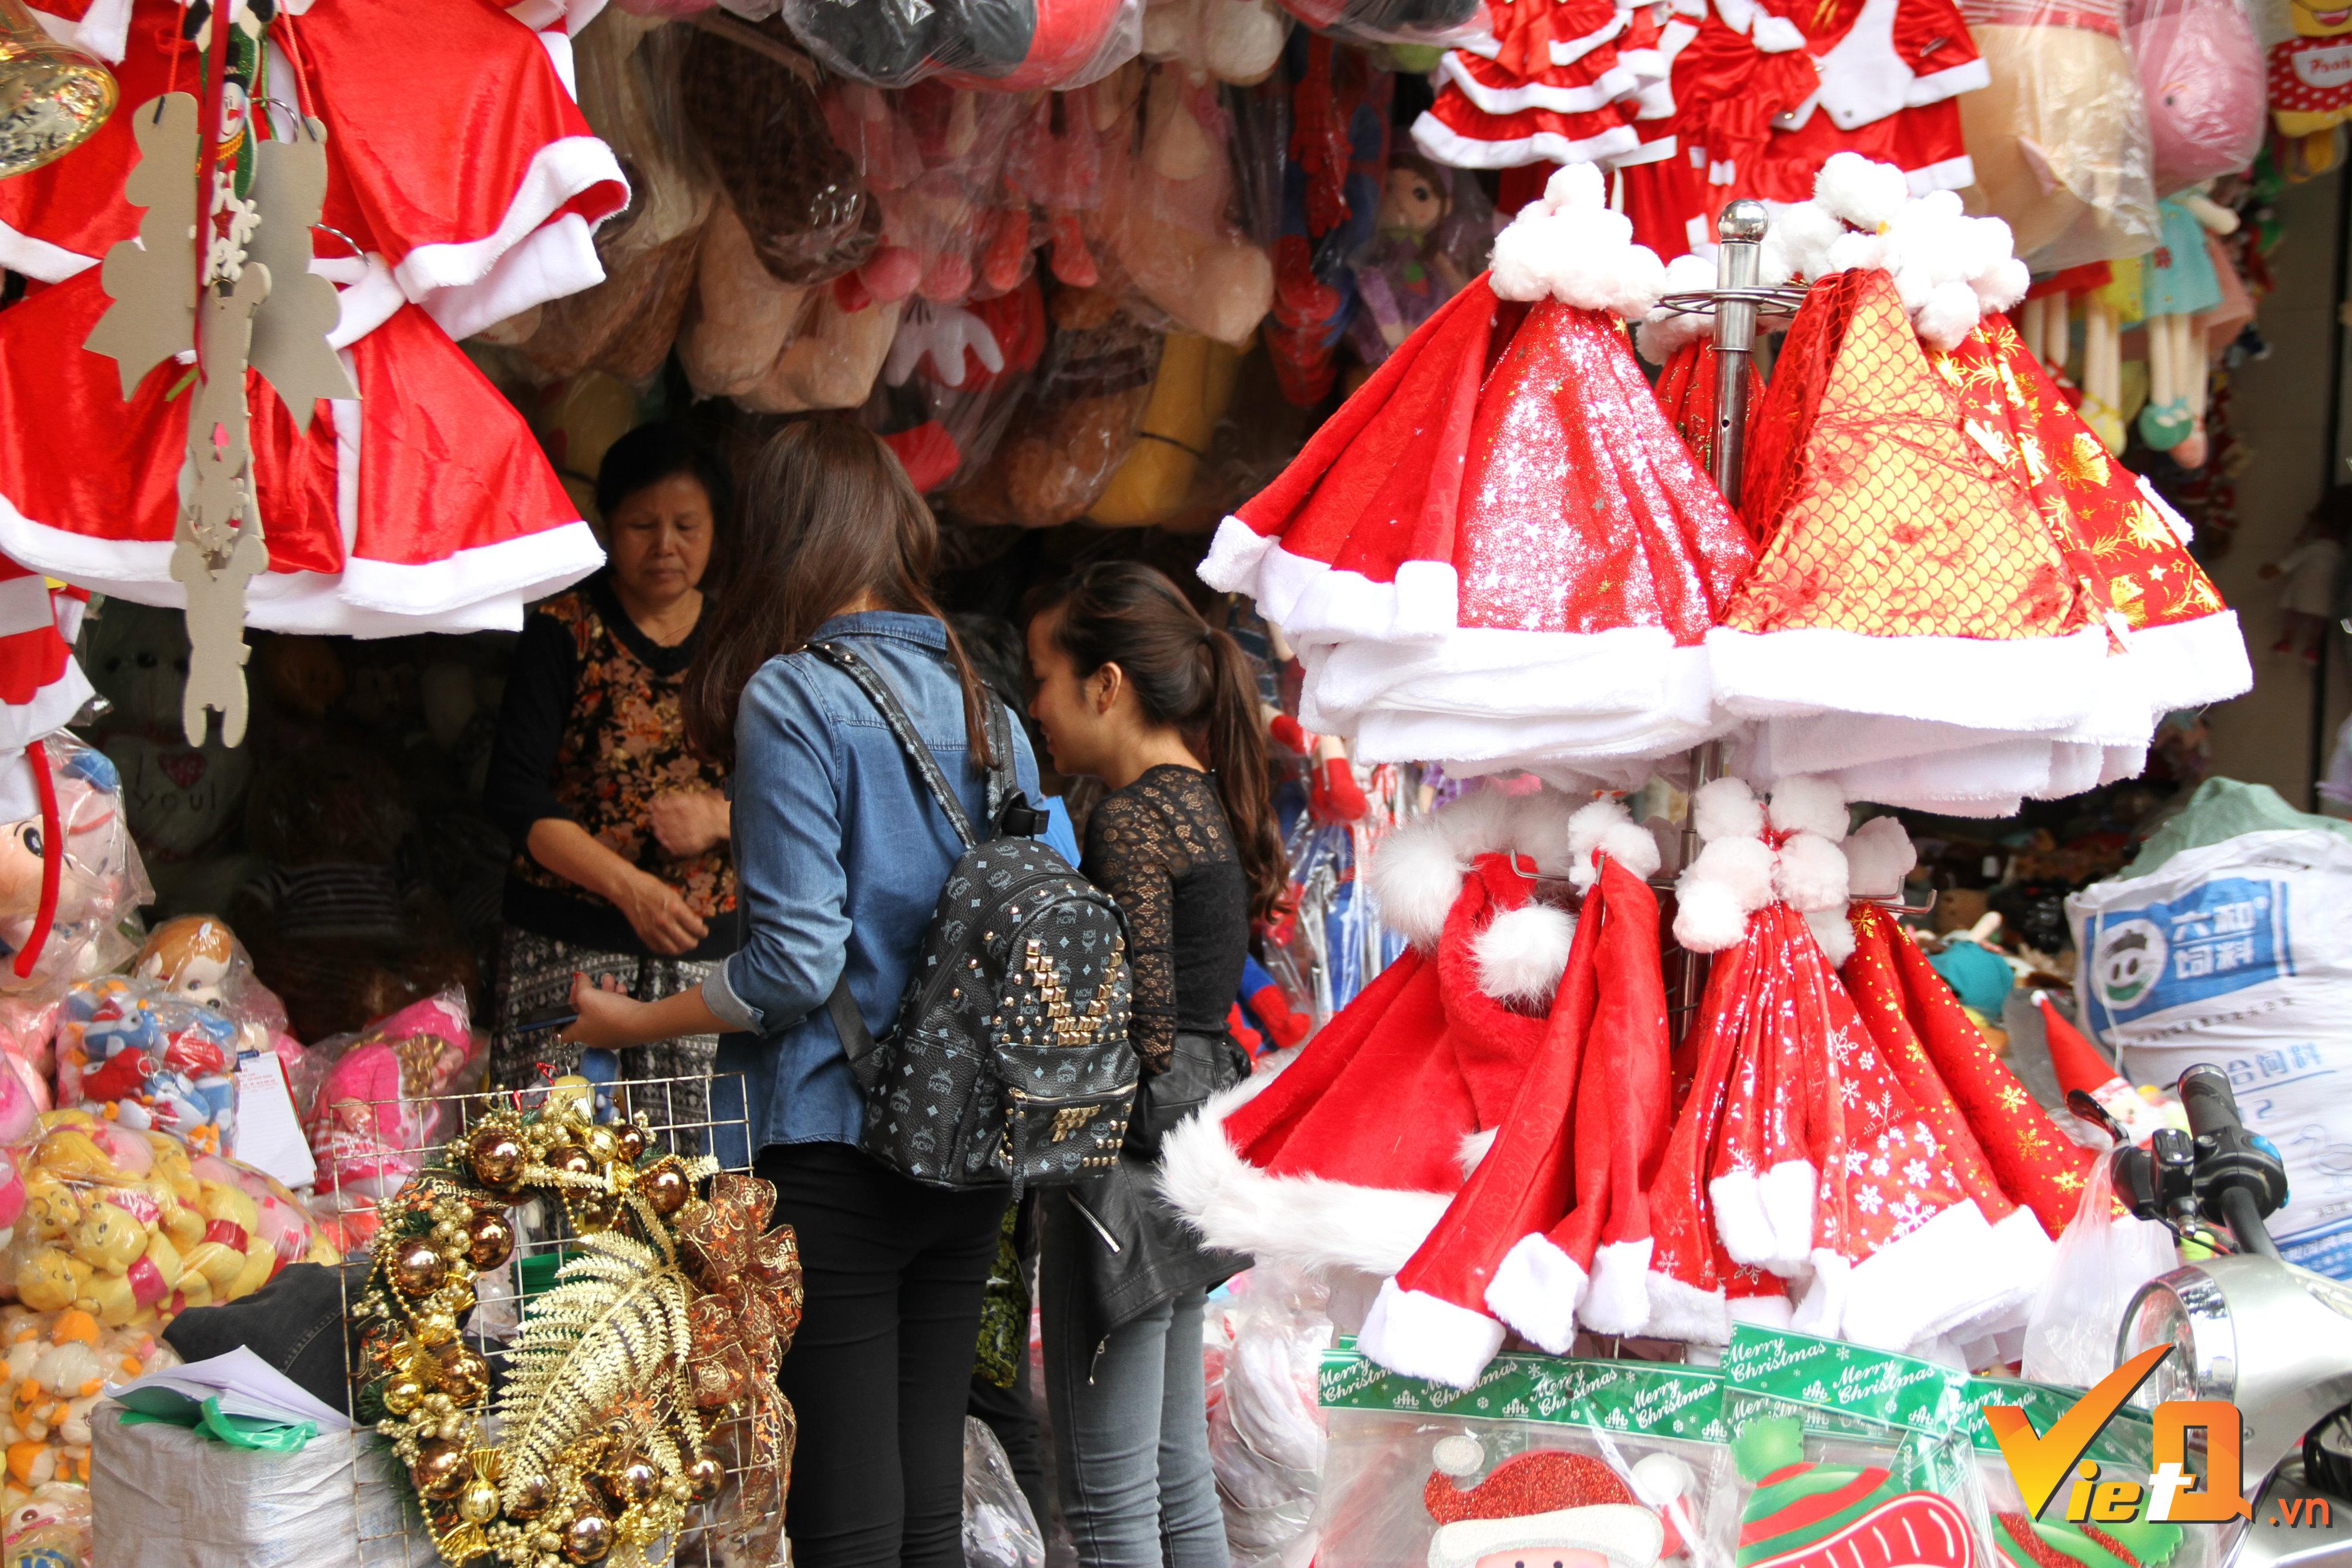 Thị trường hàng hóa Giáng sinh tại Hà Nội đã bắt đầu khởi sắc